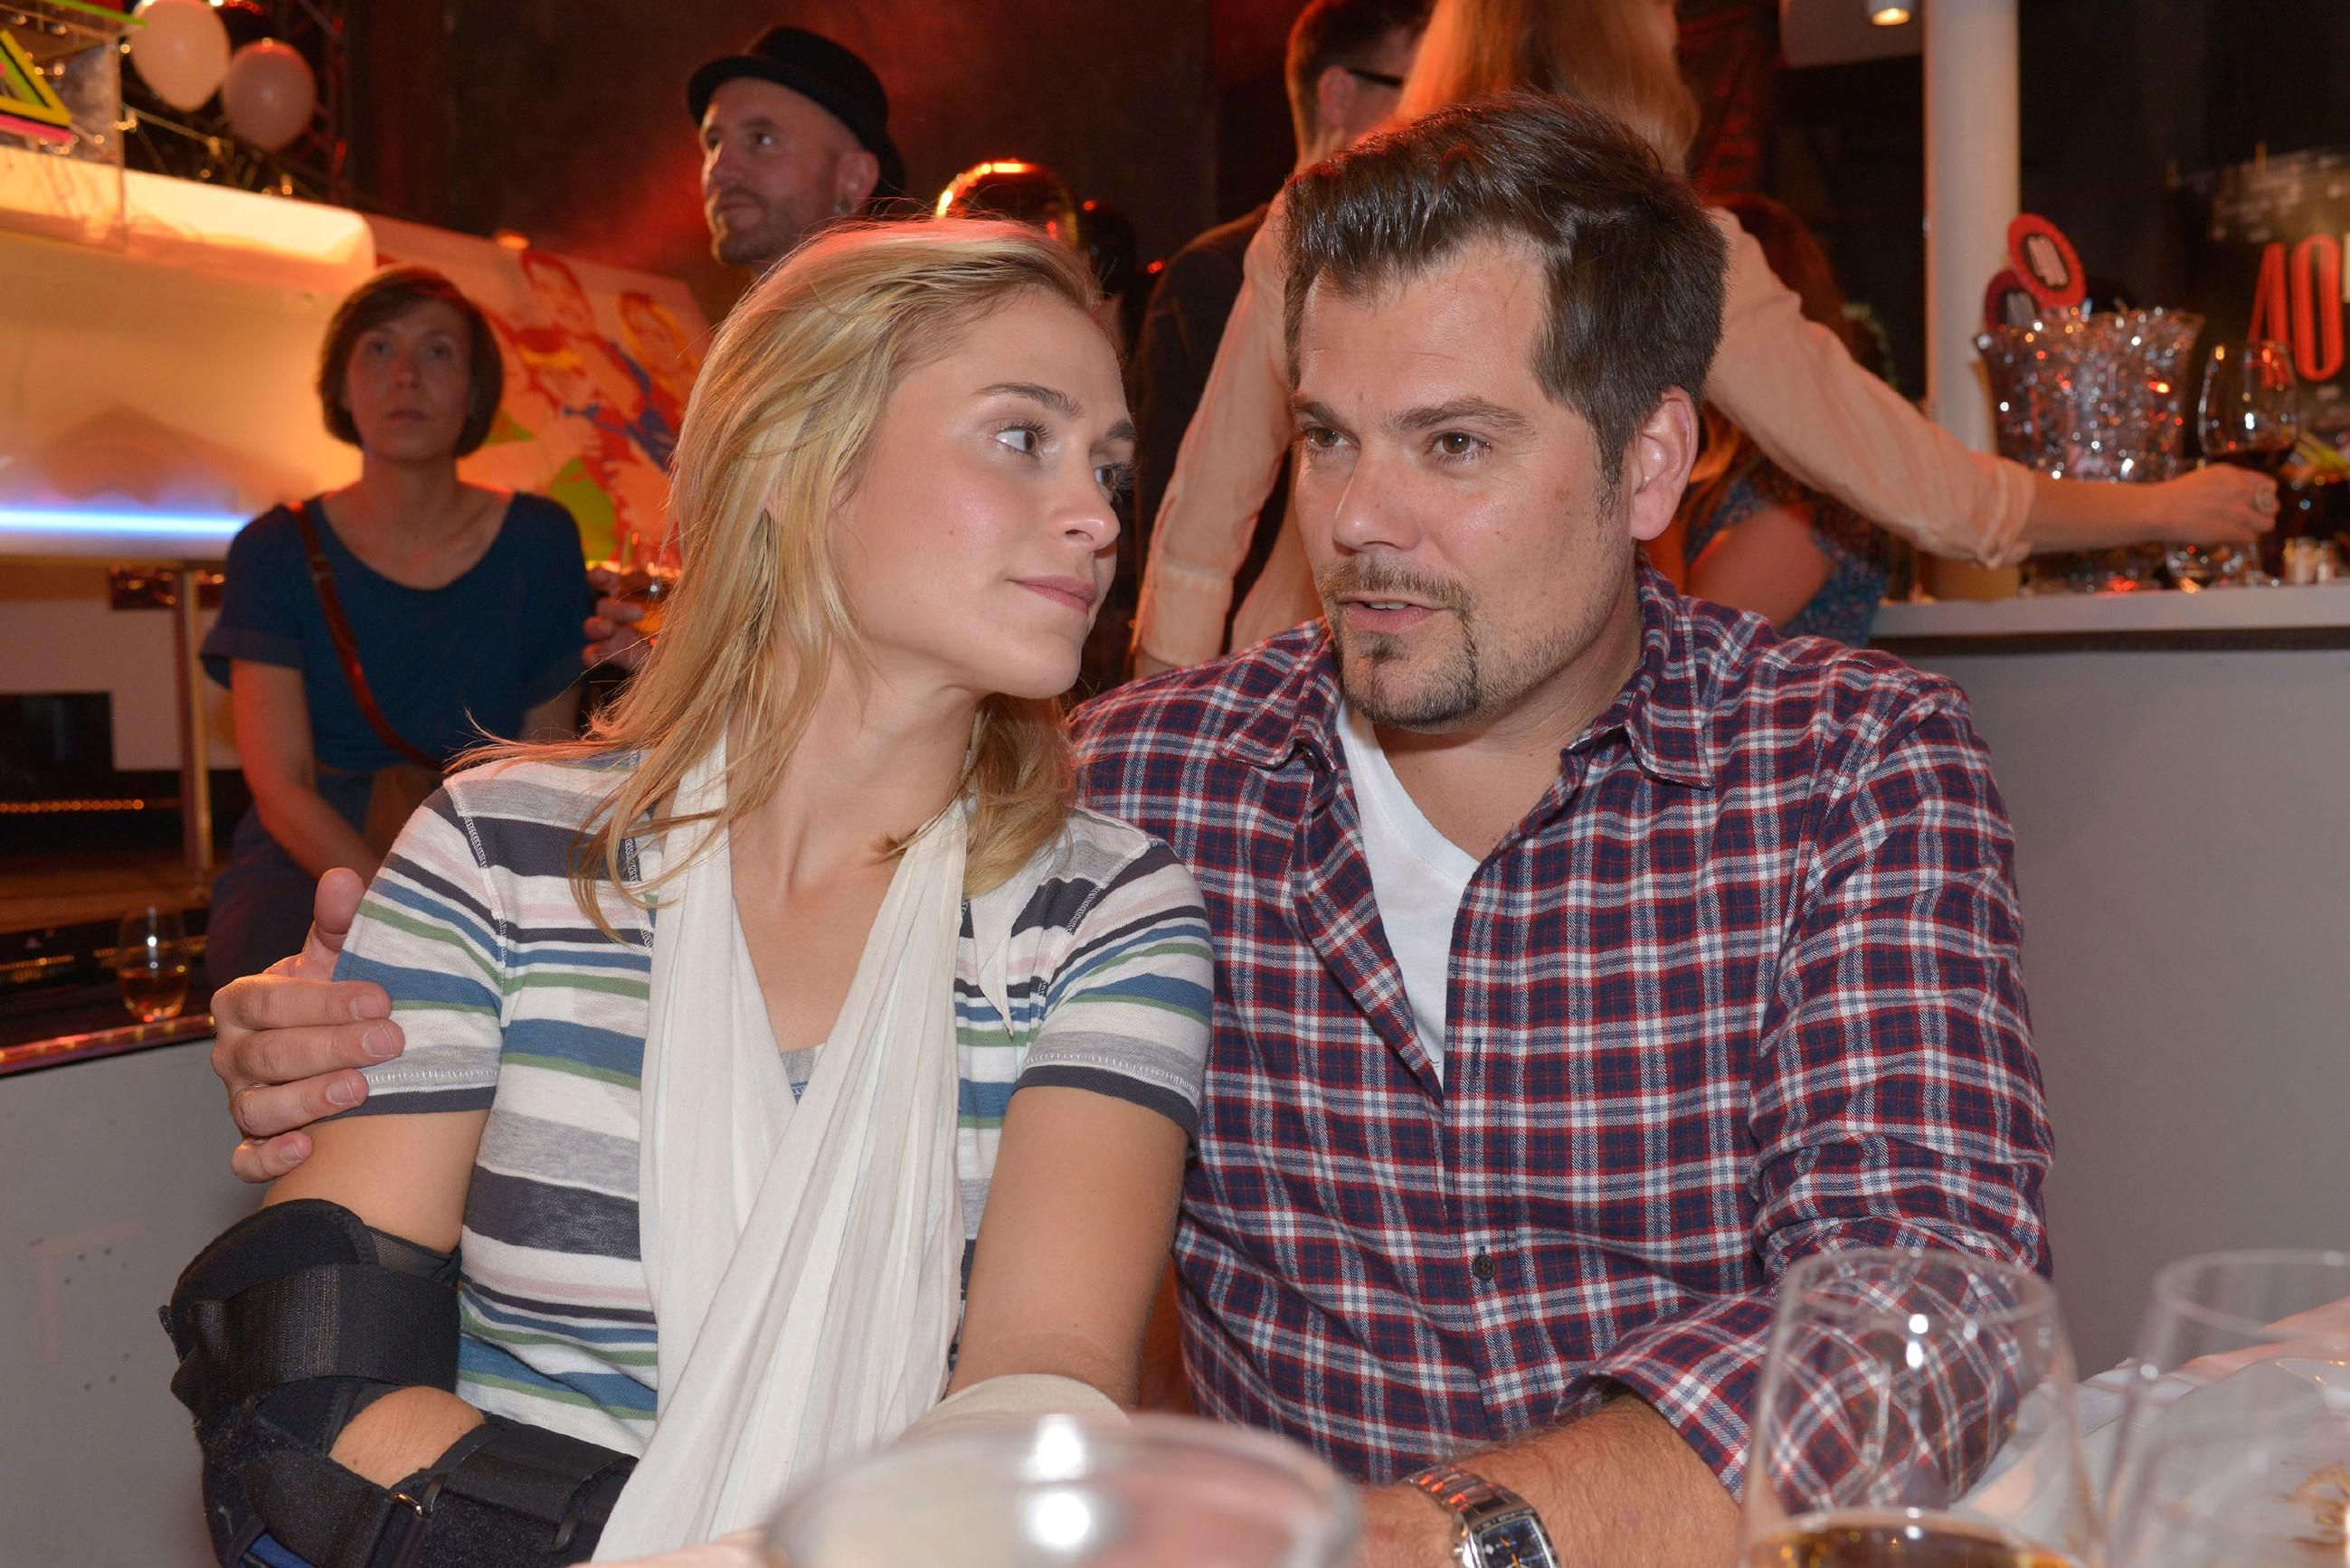 Sophie (Lea Marlen Woitack) ist erleichtert, dass Leon (Daniel Fehlow) ihre Eifersucht mit Humor nimmt. (Quelle: RTL / Rolf Baumgartner)